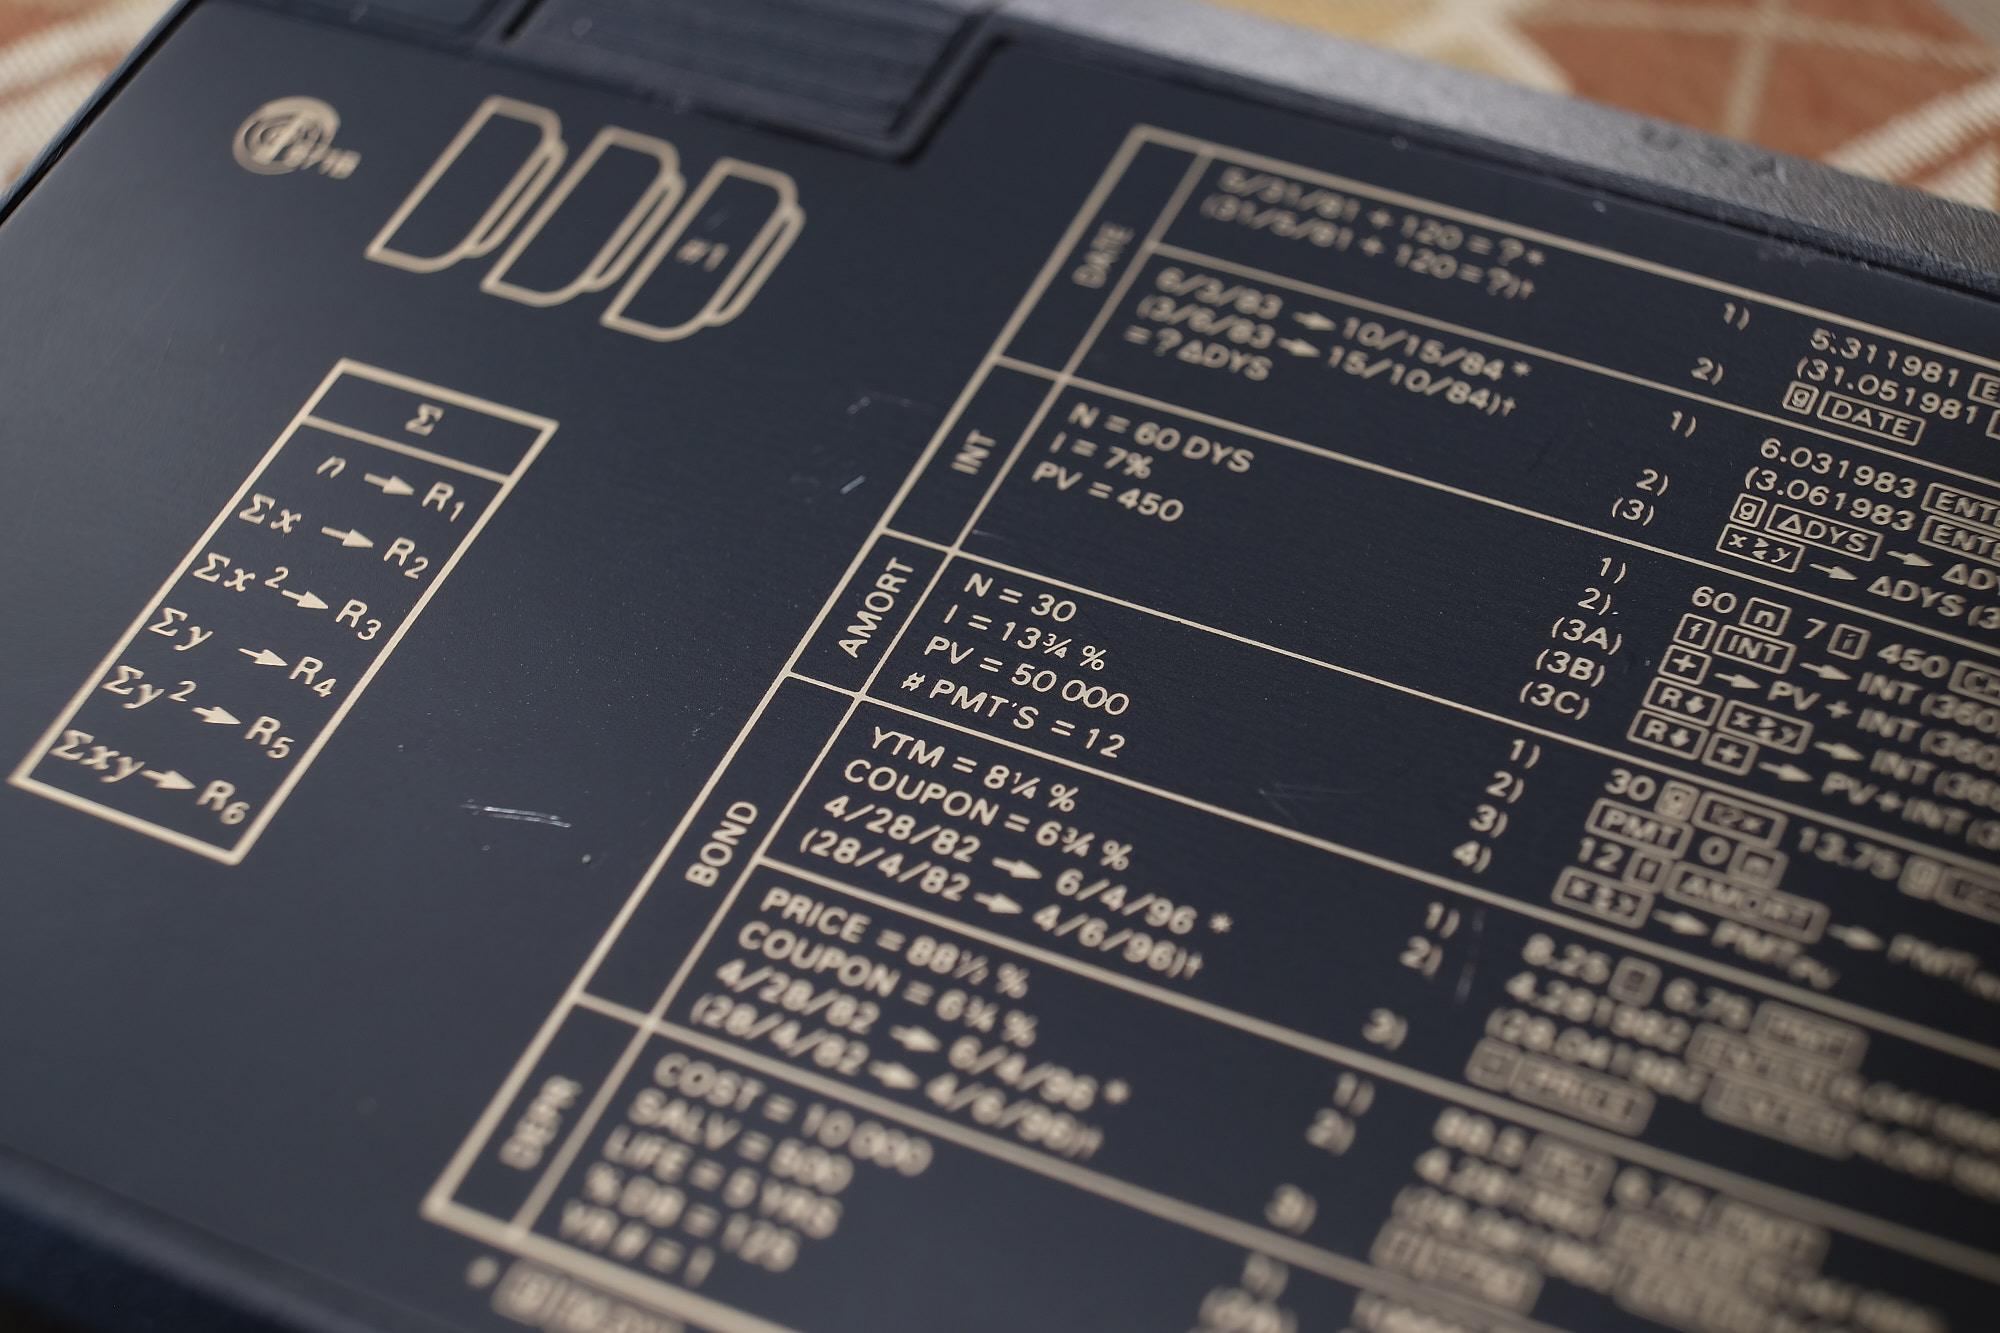 Back panel cheat-sheet